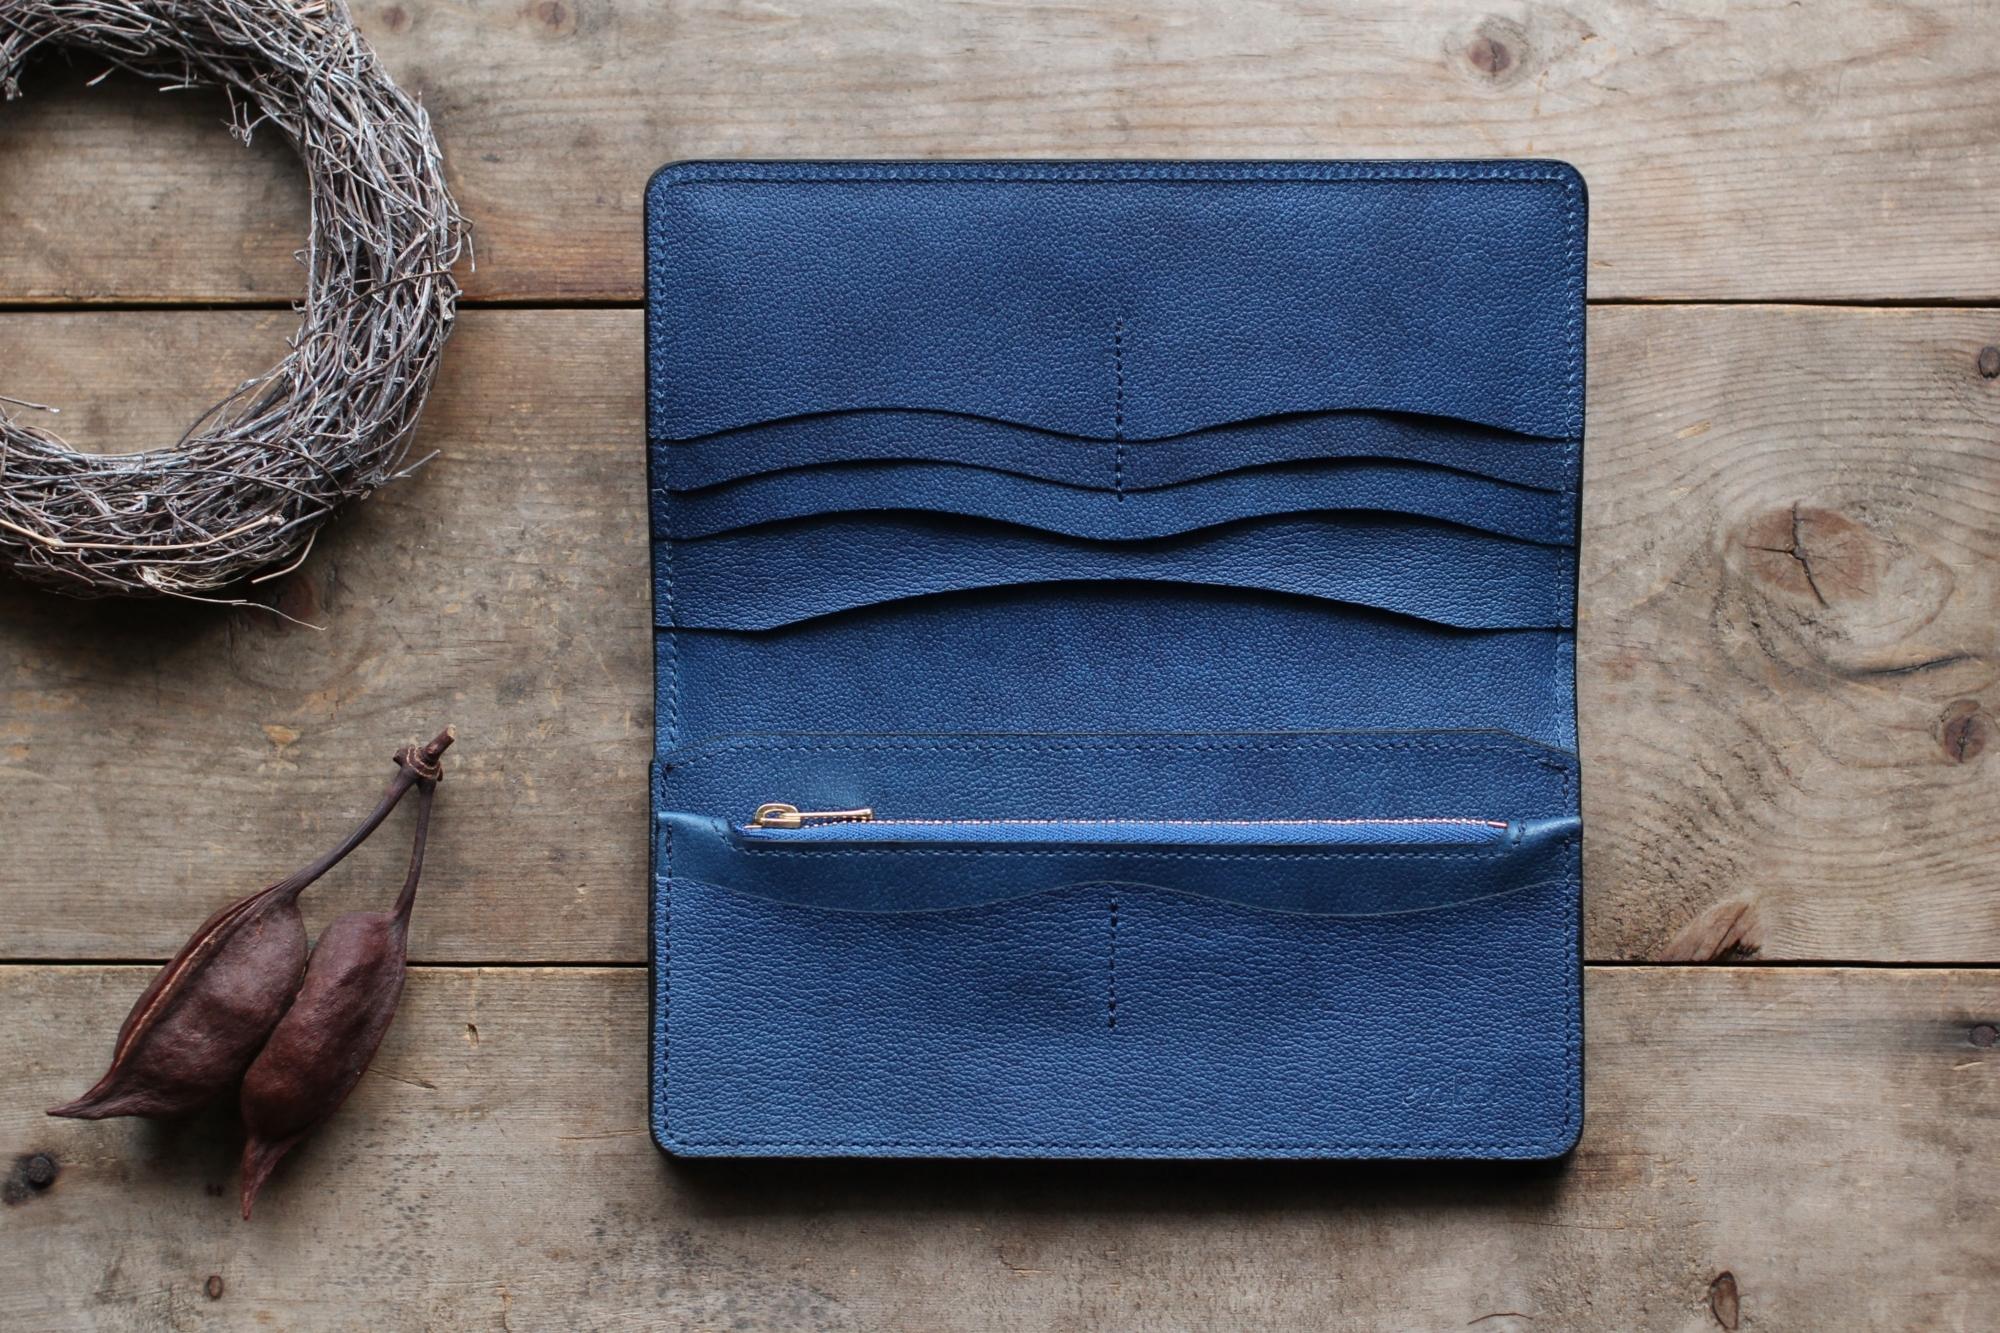 藍染革[shiboai] 長財布